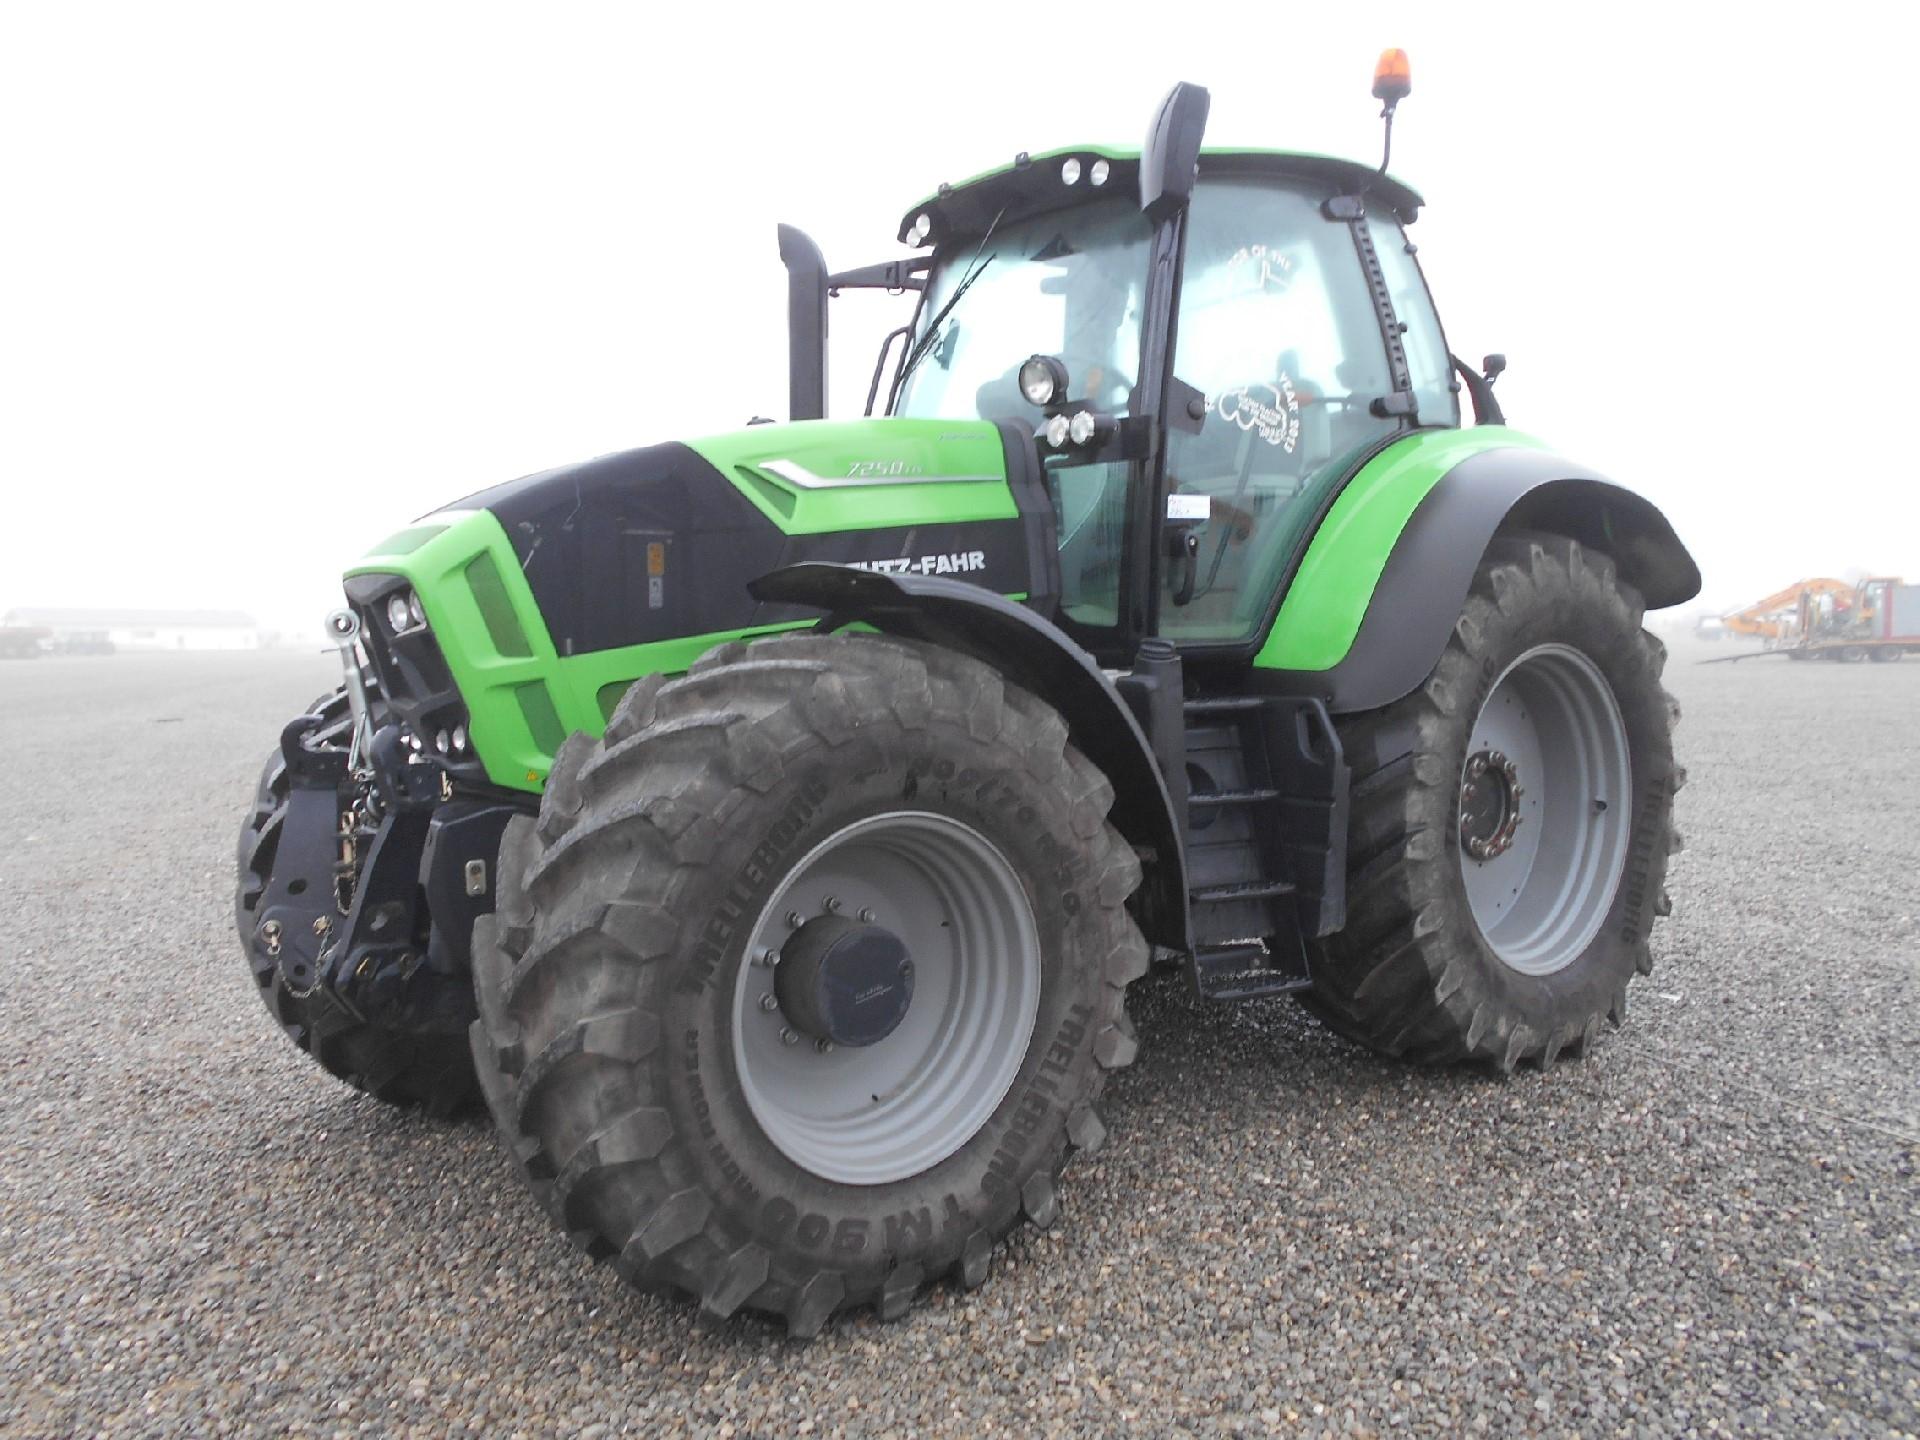 Cerco trattori agricoli all asta dispositivo arresto for Subito it molise attrezzature agricole